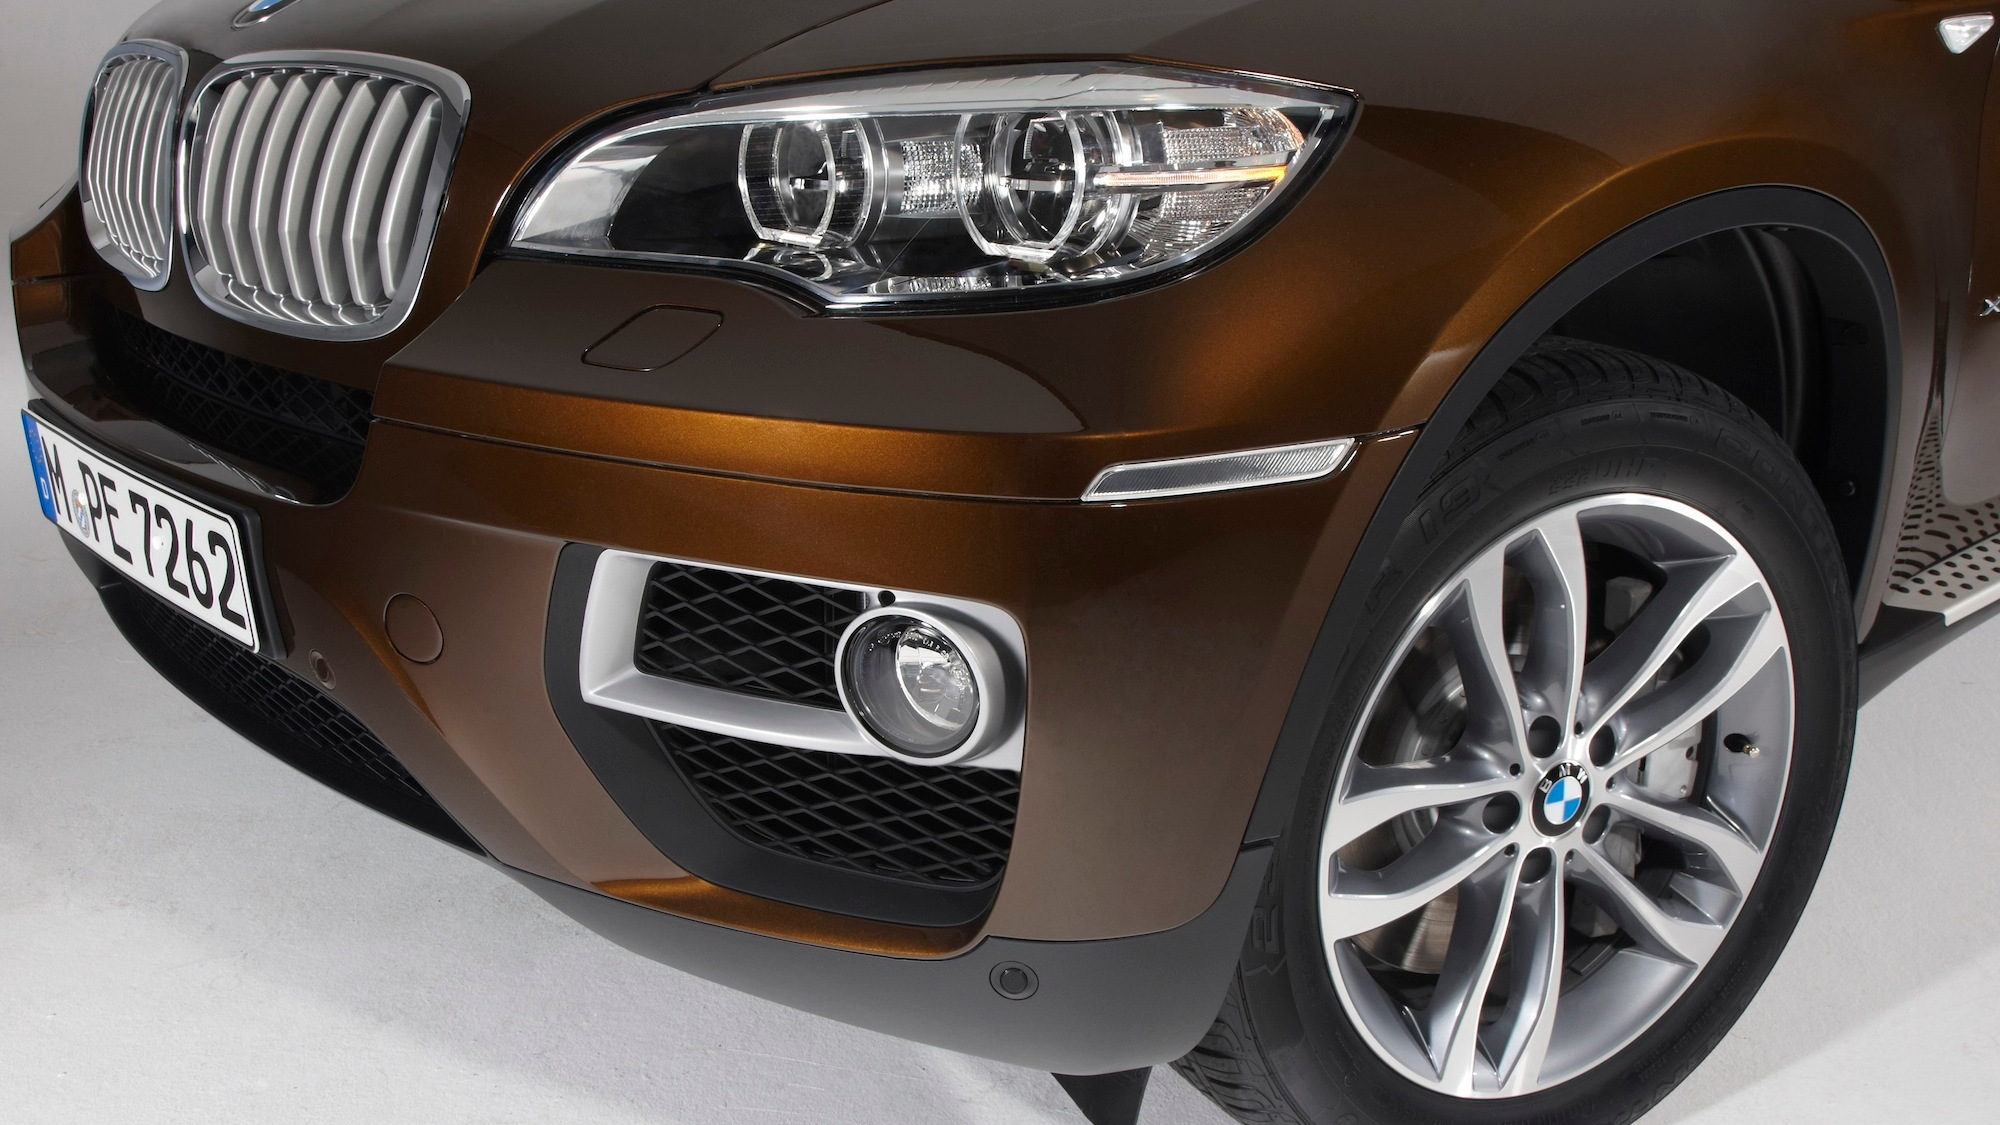 2013 BMW X6